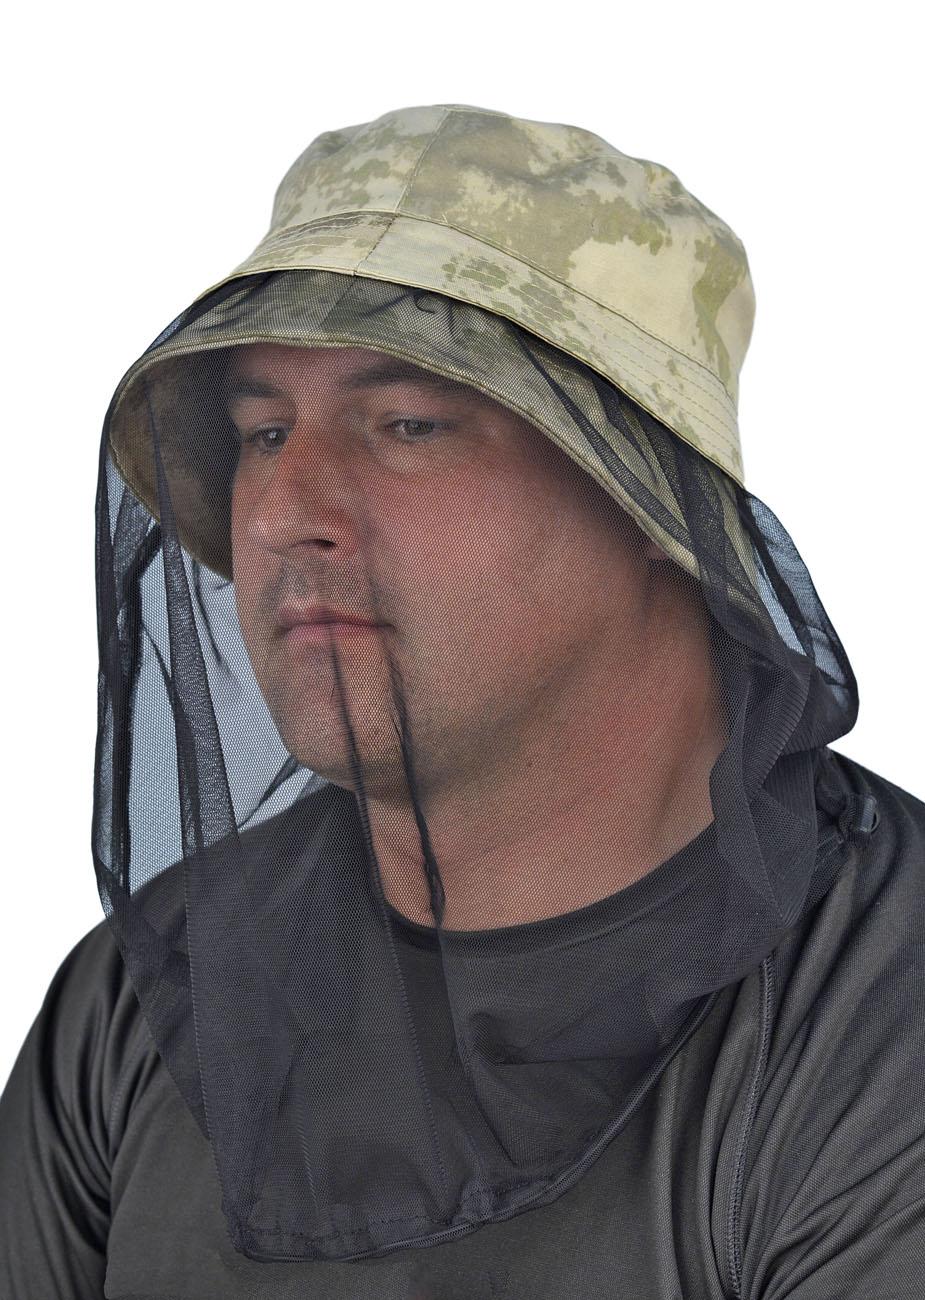 Панама Gerkon Commando грязь (Неизвестная характеристика)Панамы<br><br><br>Пол: унисекс<br>Сезон: лето<br>Материал: Смесовая (50% хлопок, 50% полиэфир), пл. 210 г/м2,